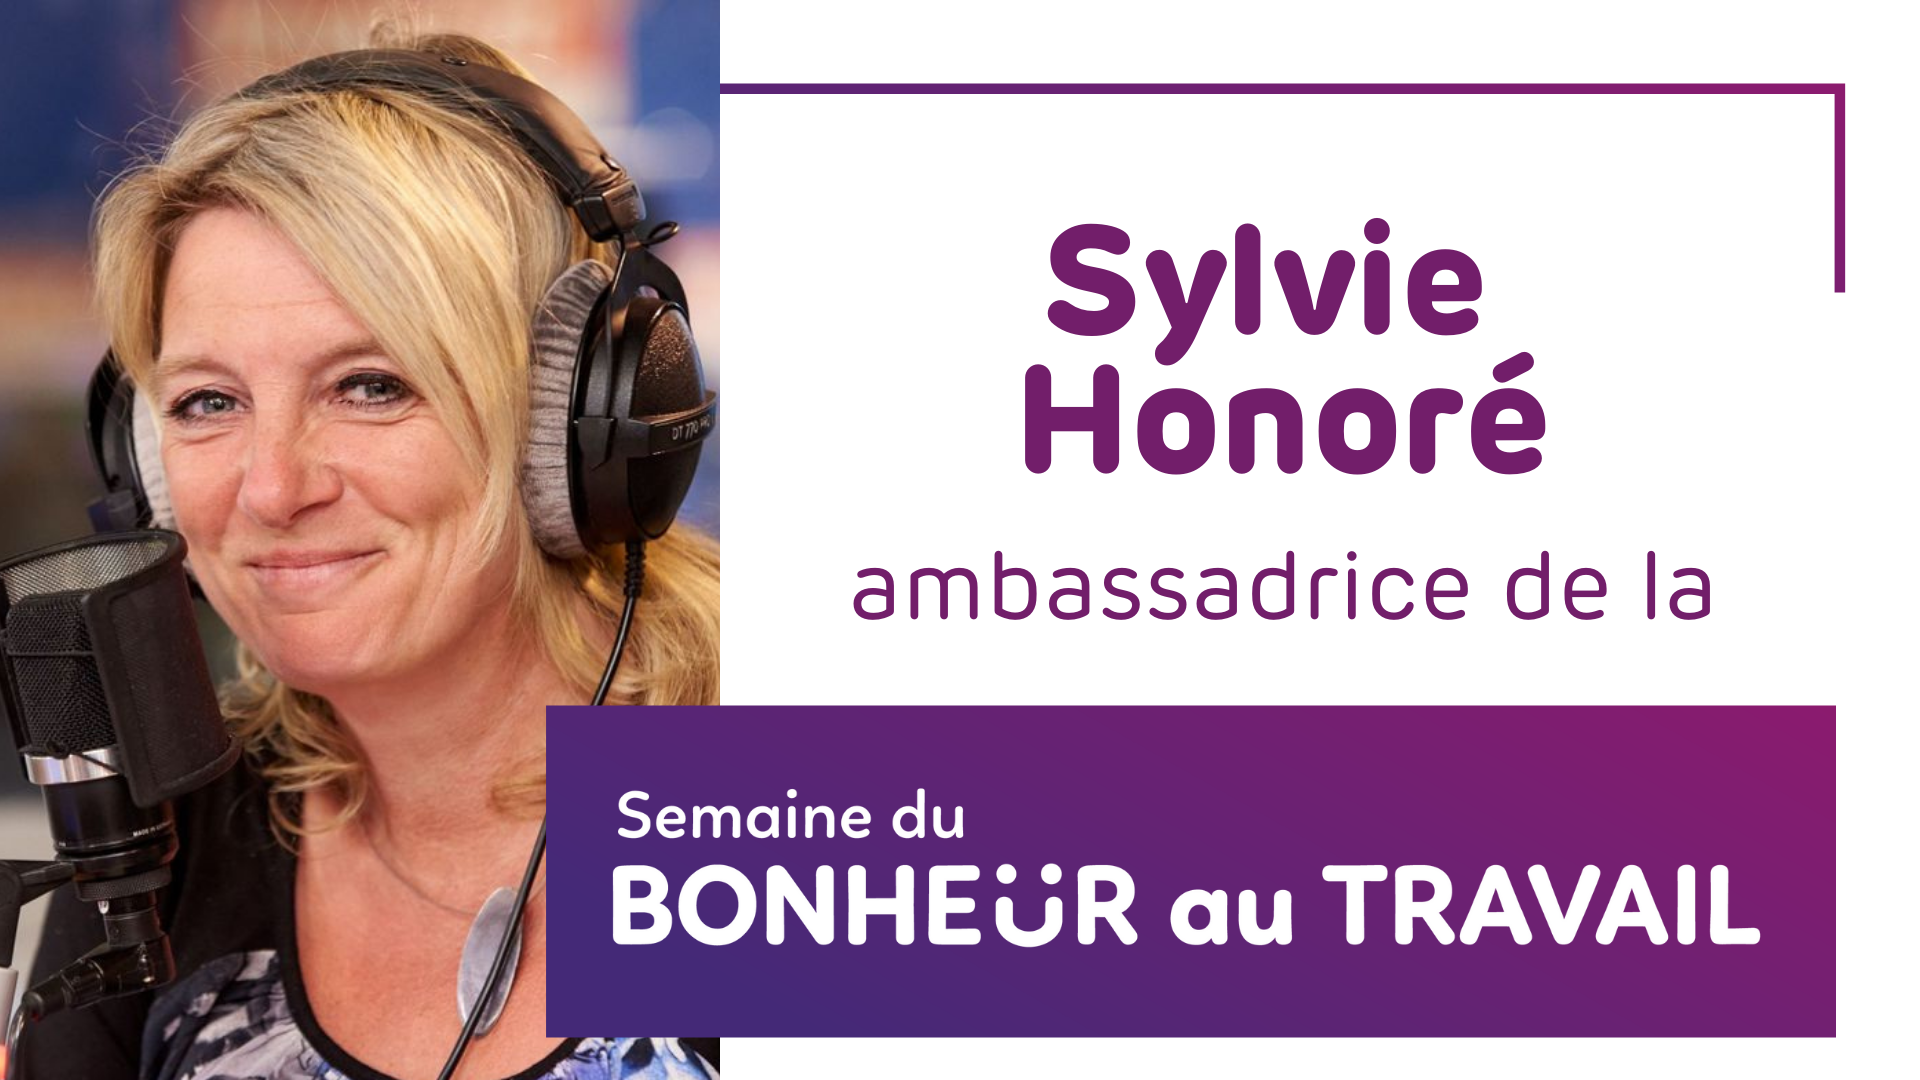 Sylvié Honoré ambassadrice Semaine de la Bonheur au Travail